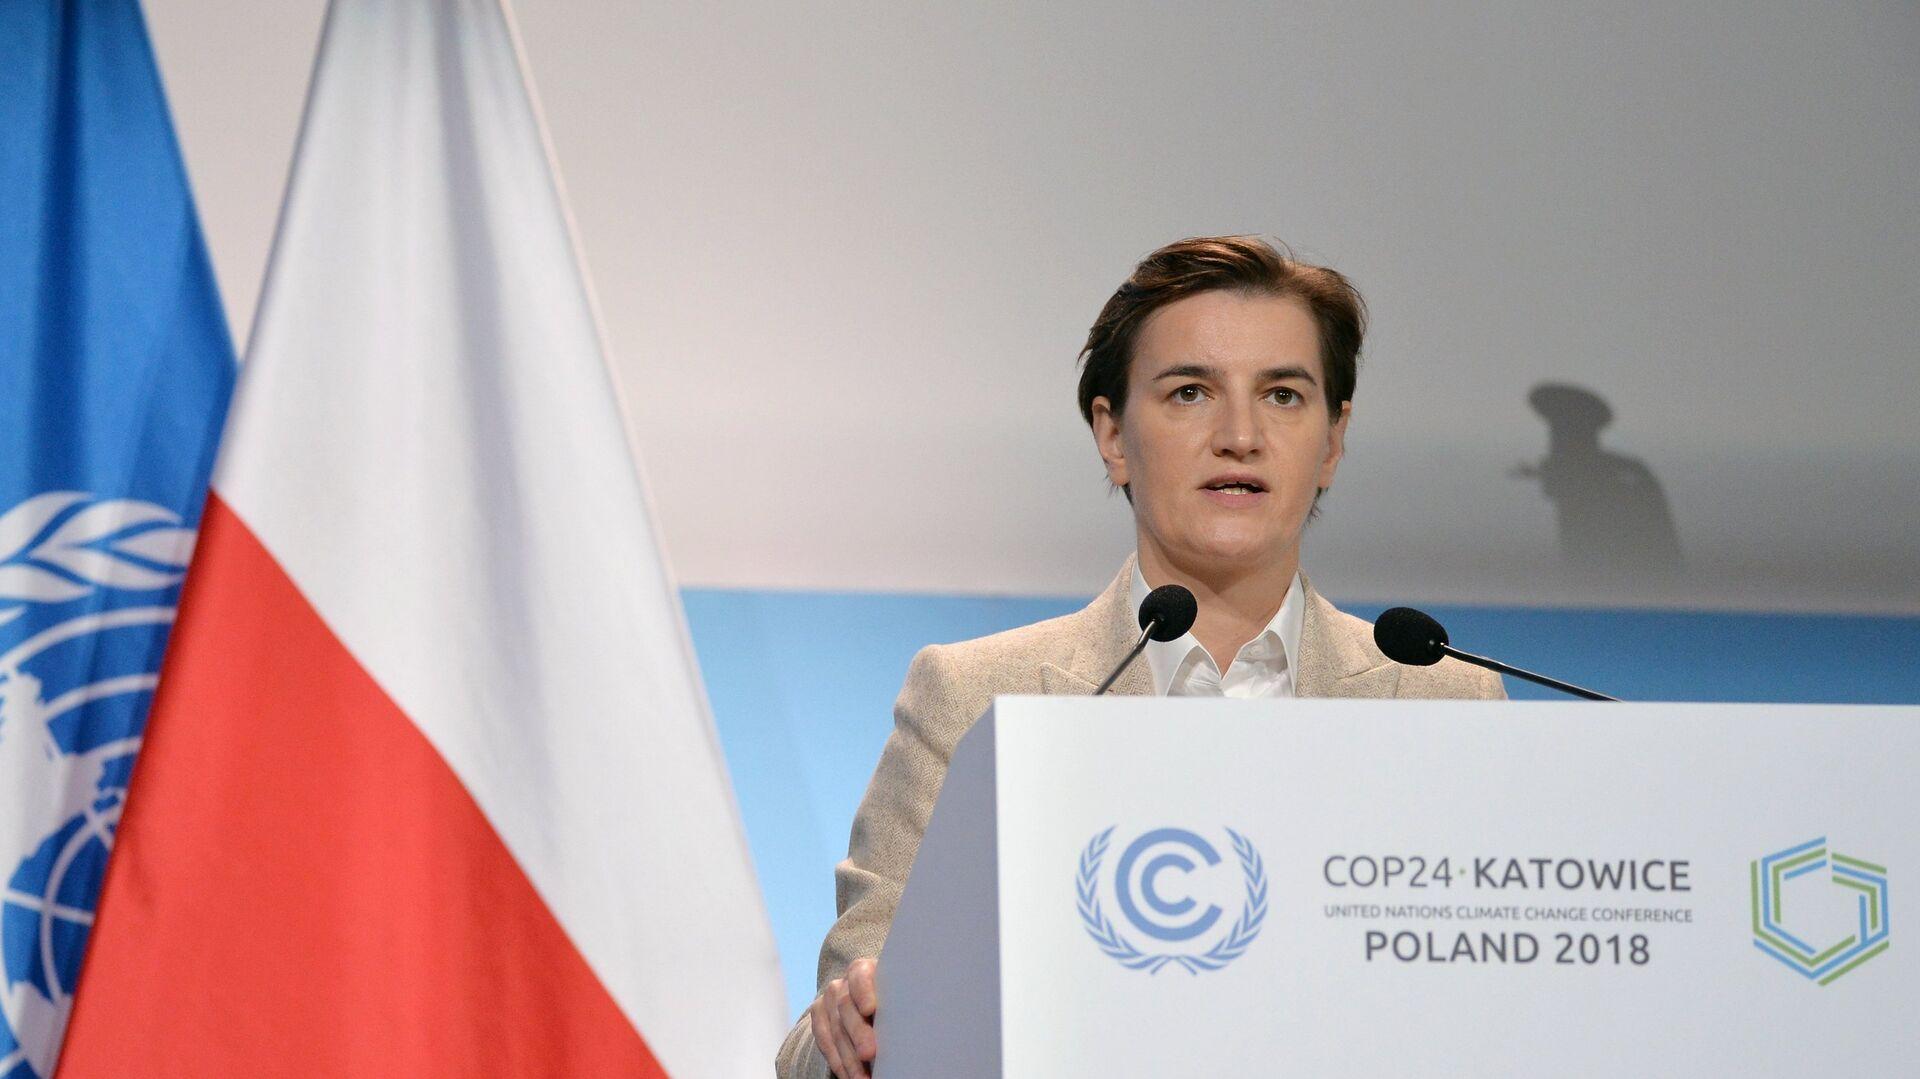 Премьер-министр Сербии Ана Брнабич выступает на конференции ООН по изменению климата в Катовице - РИА Новости, 1920, 08.03.2021